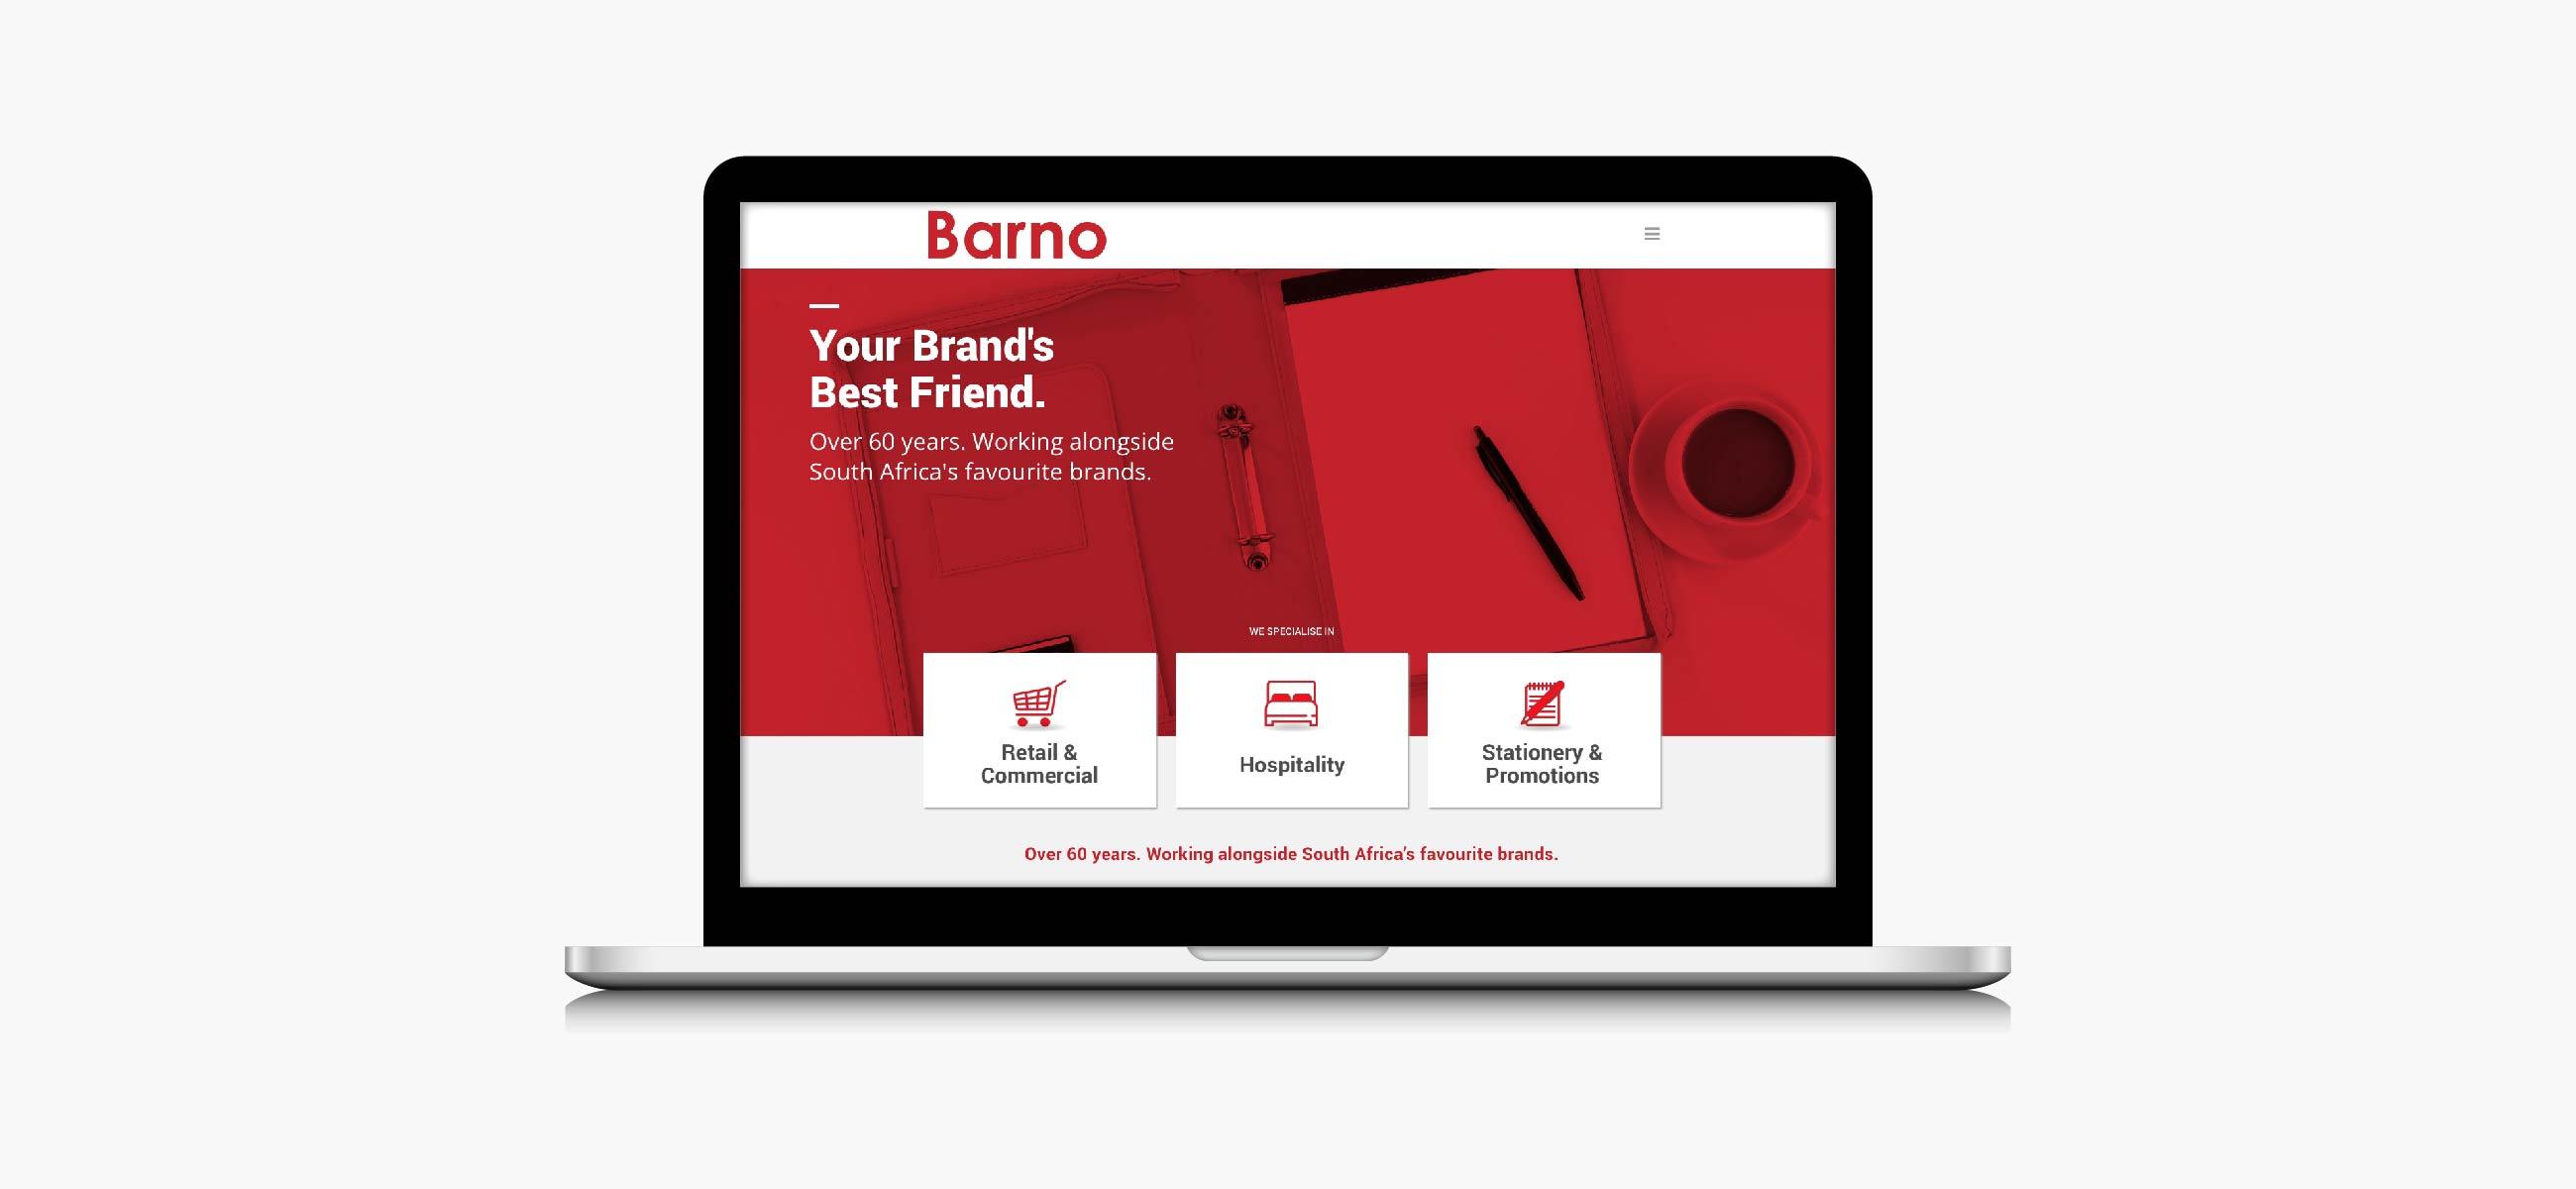 Barno